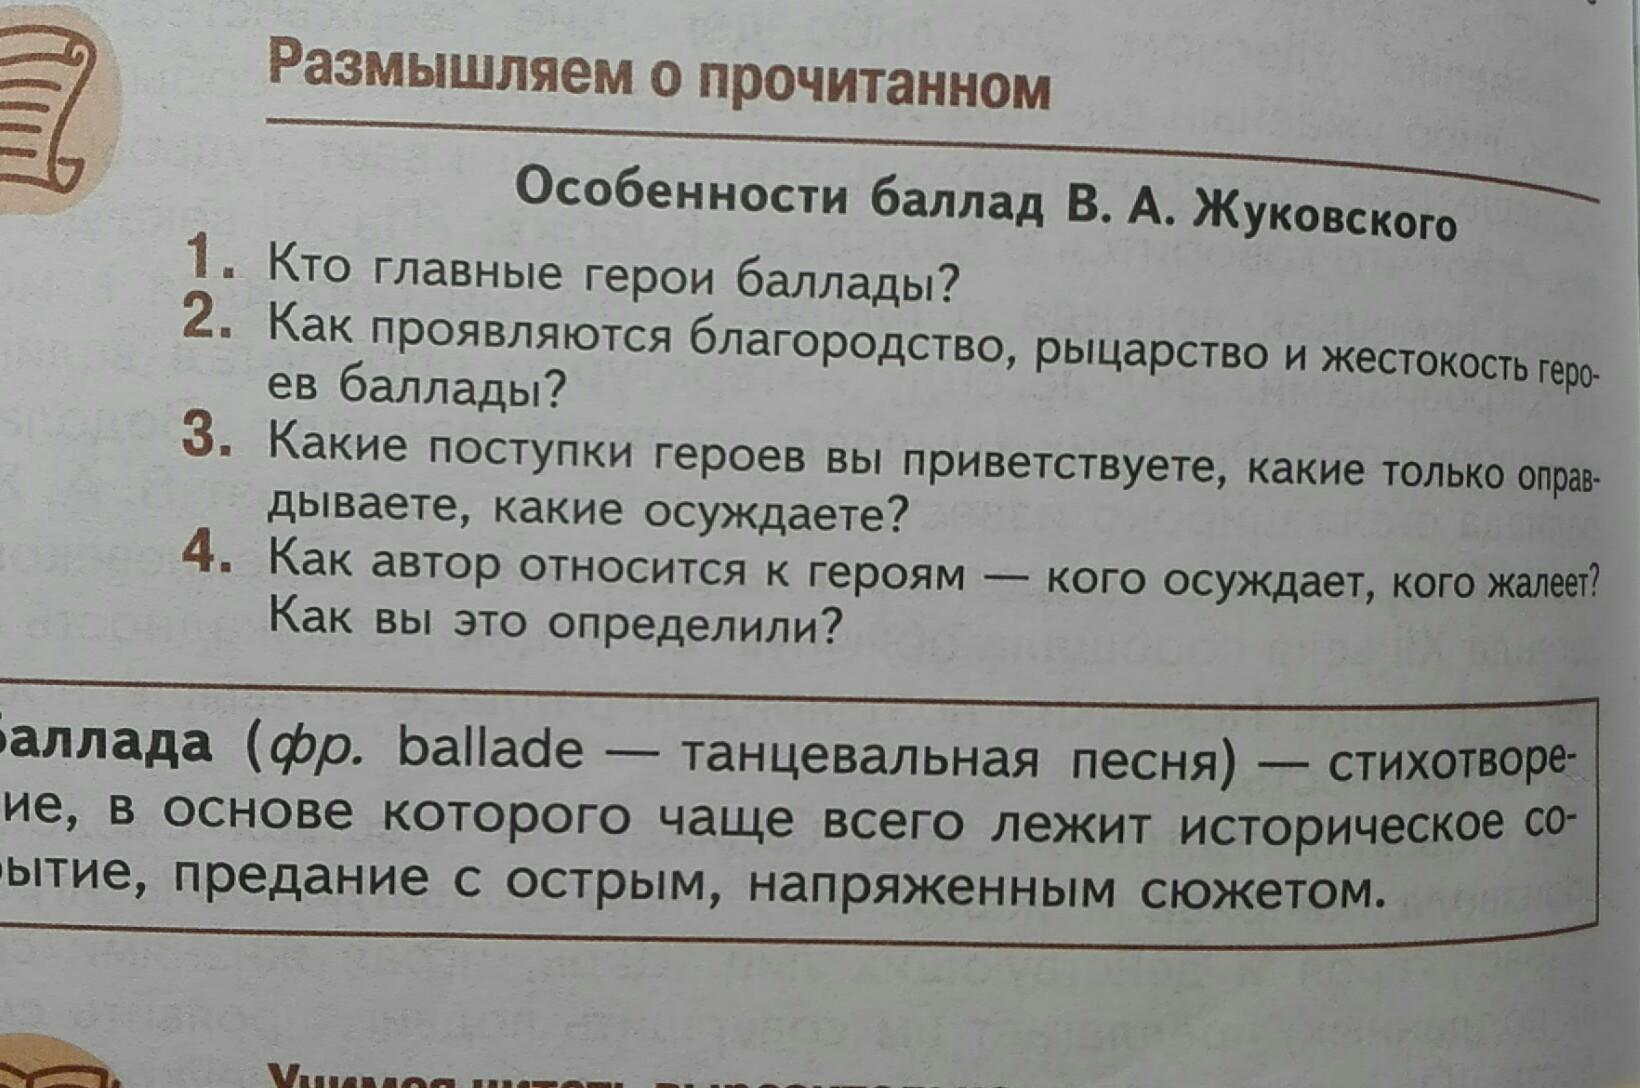 """Баллада """"Кубок"""" 4 вопрос ответьте пожалуйчюста!"""